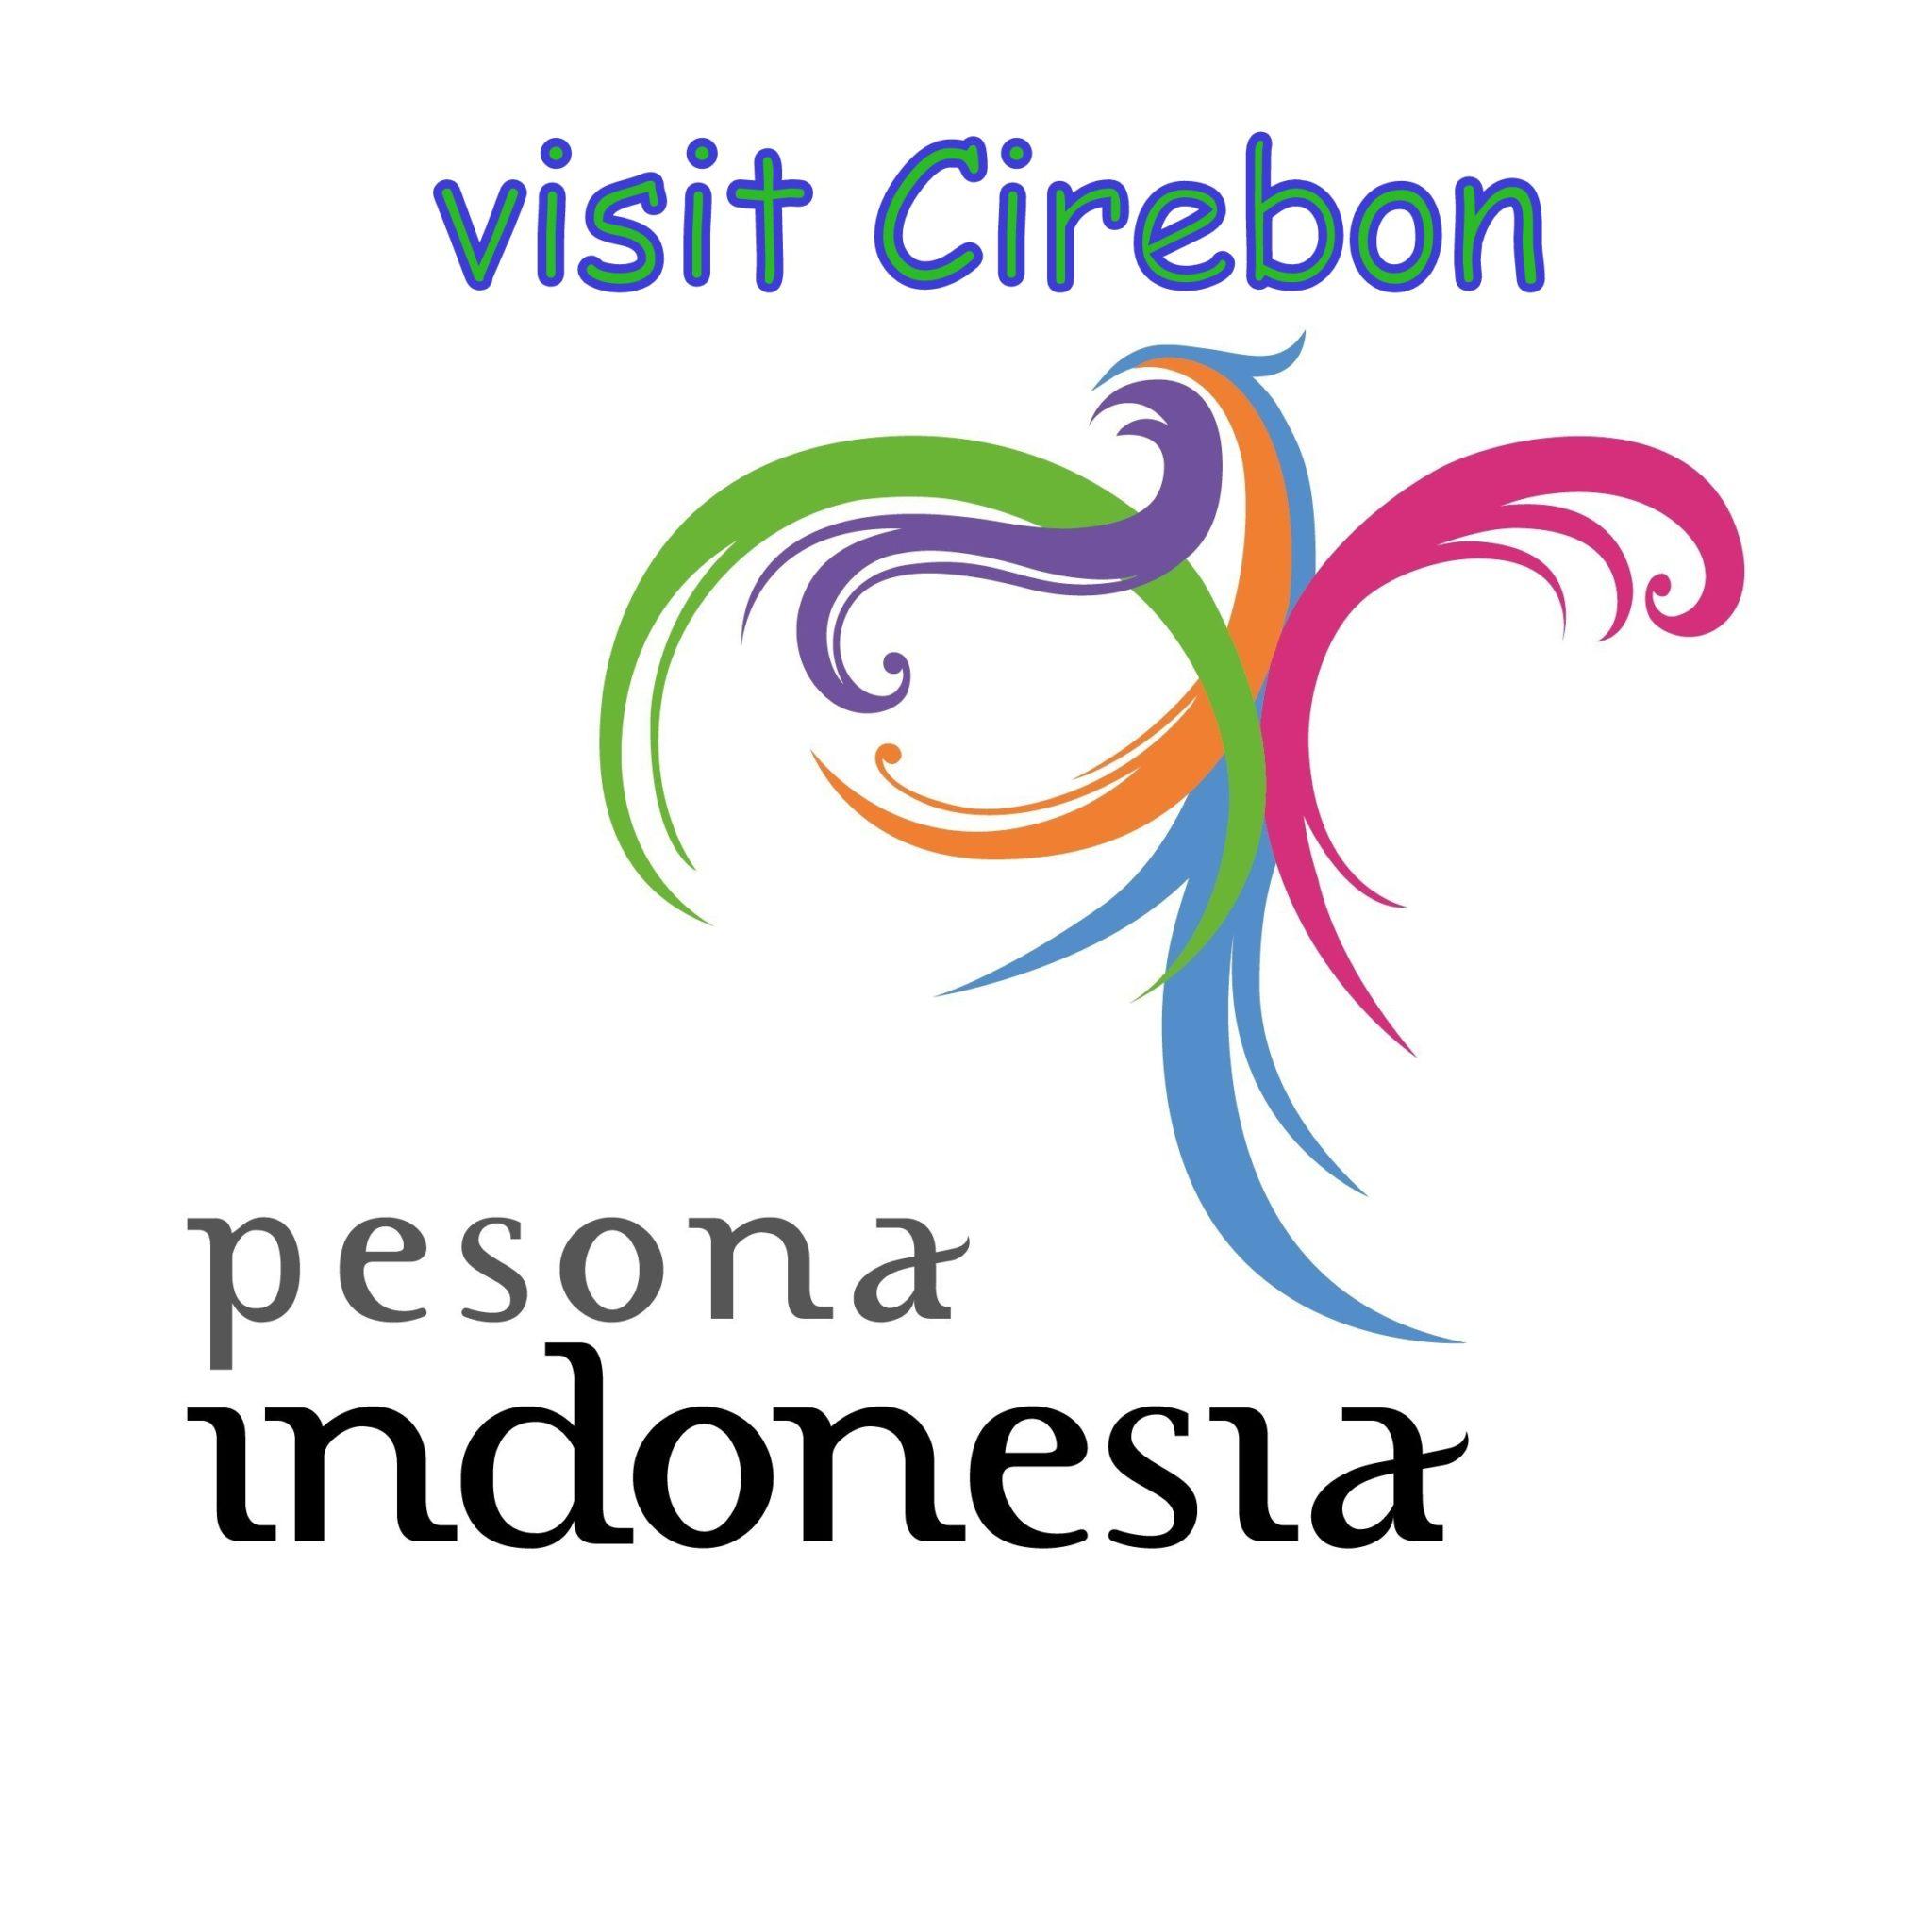 Pesona Cirebon Mempunyai Daya Tarik Tersendiri Bagi Wisatawan Lokal